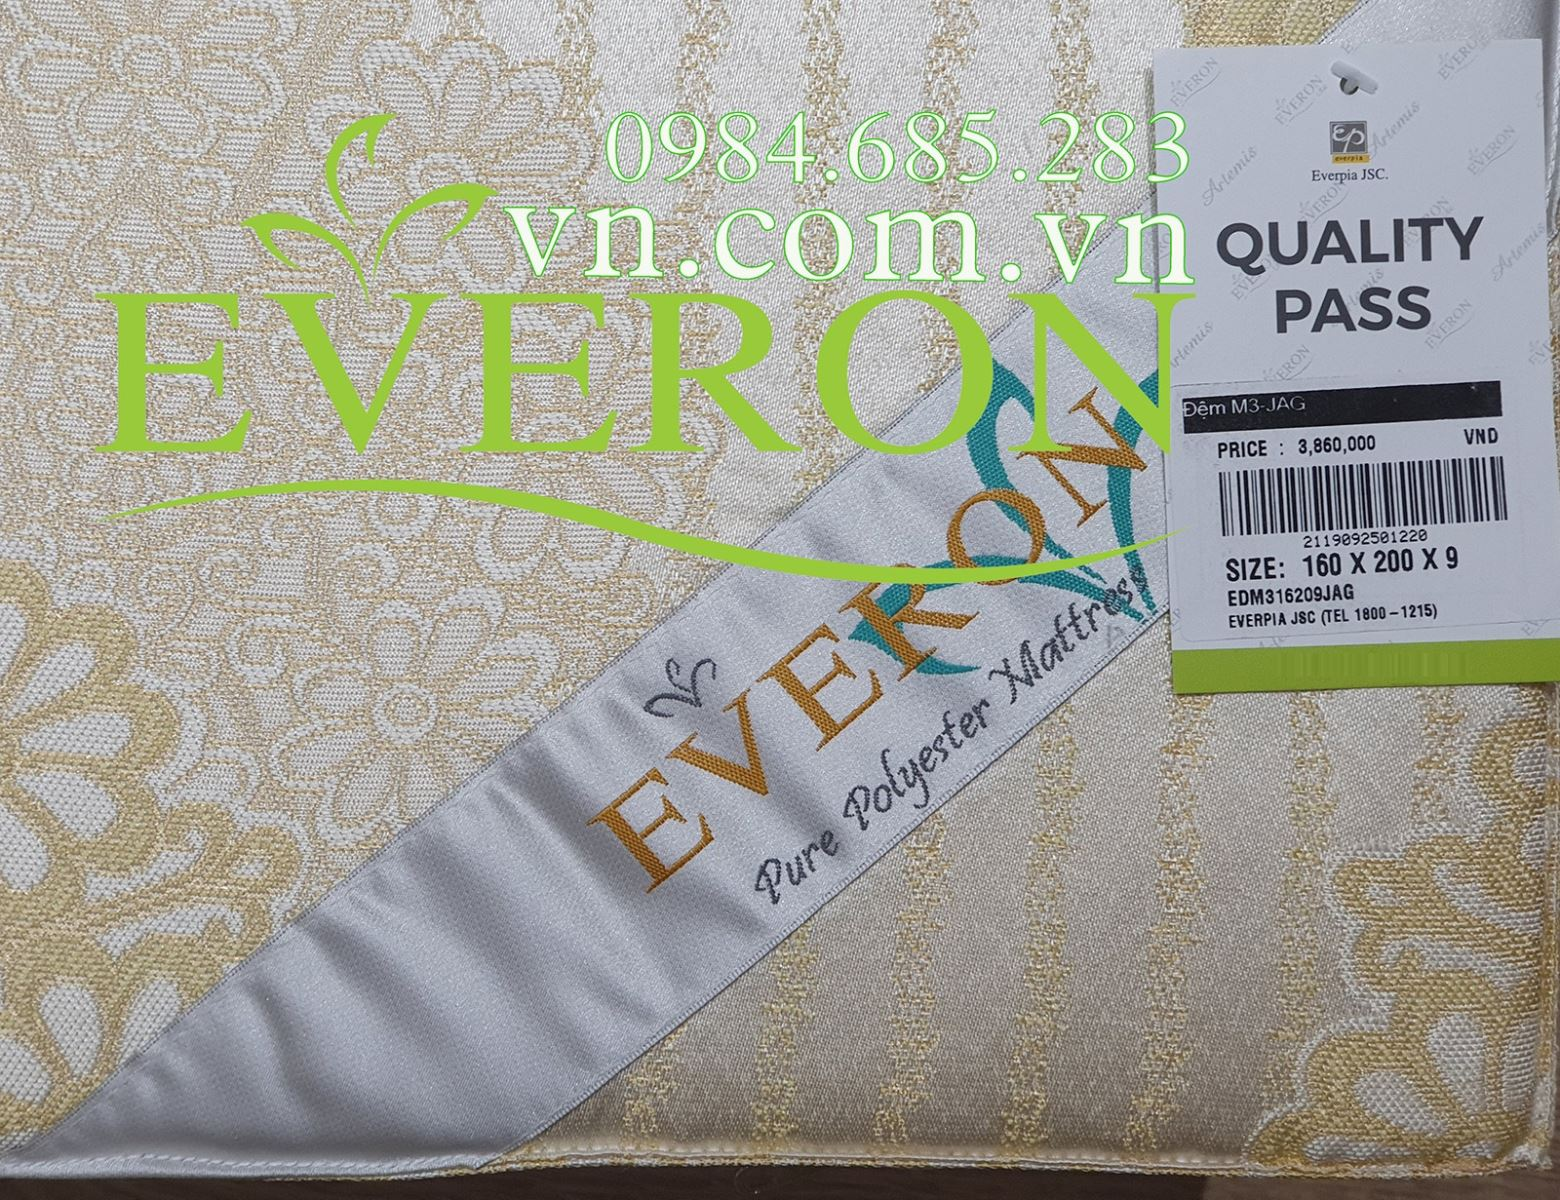 Đặt Đệm bông ép Everon tròn theo kích thước yêu cầu Hà Nội Dem-bong-ep-everon-1